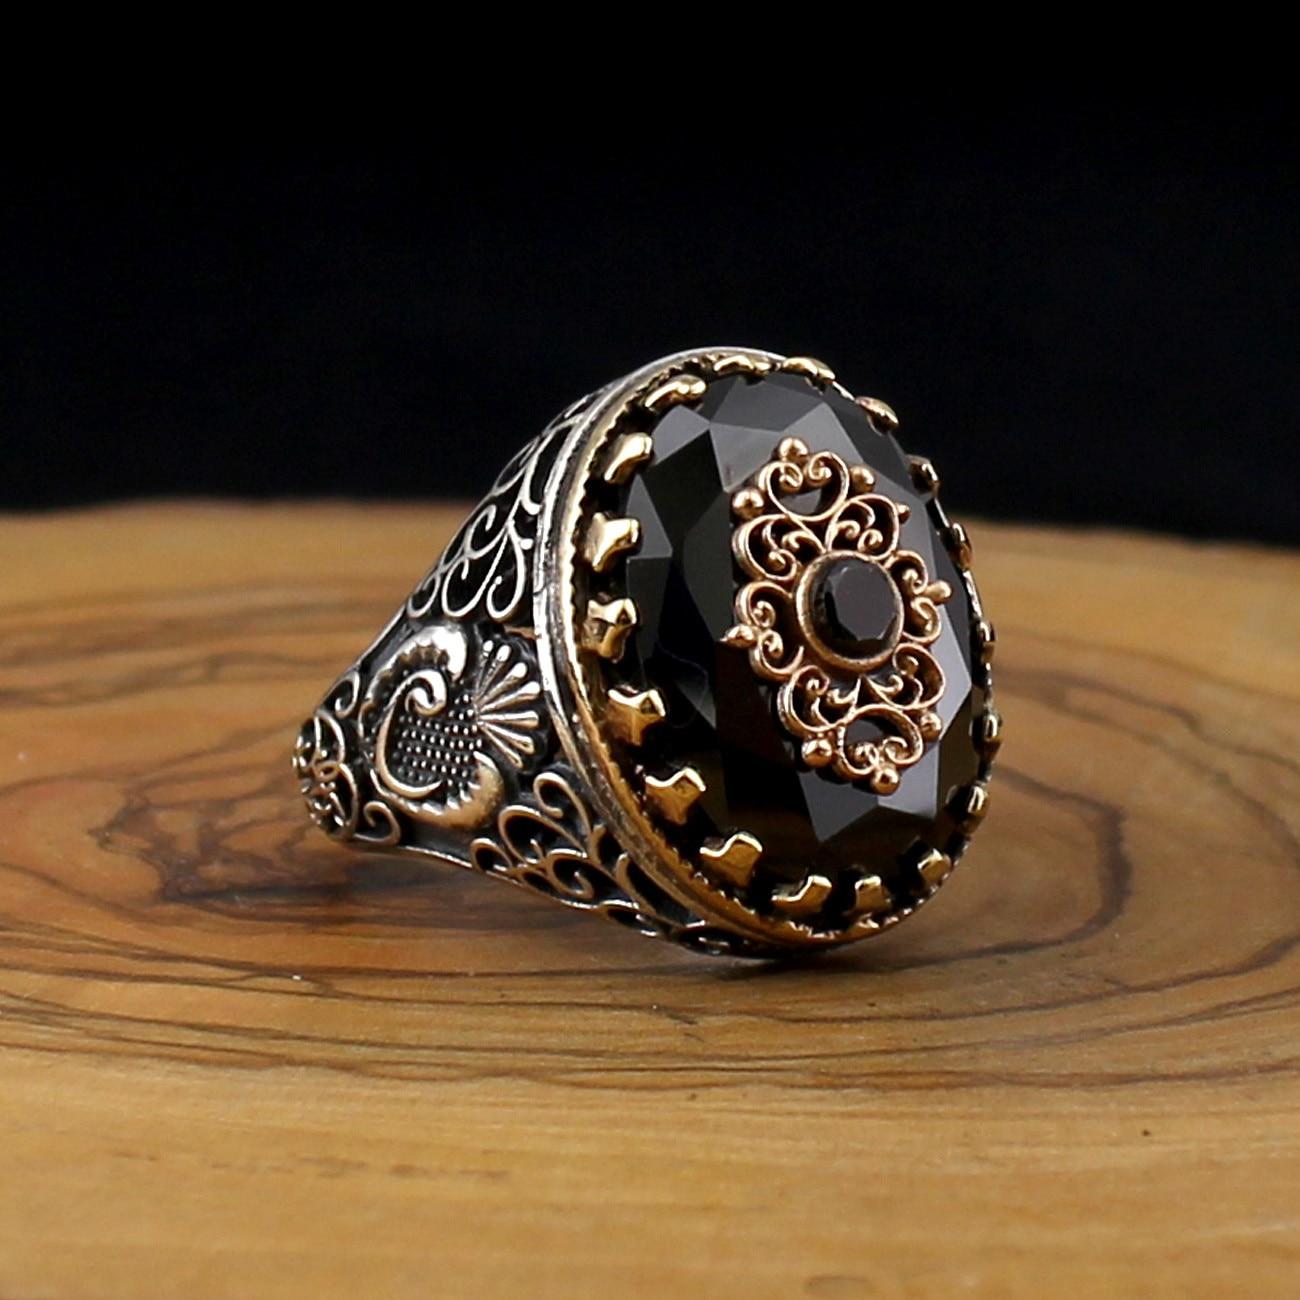 925 prata esterlina anel para homens preto zircão pedra jóias moda vintage presente onyx aqeq masculino anéis todo o tamanho (feito na turquia)